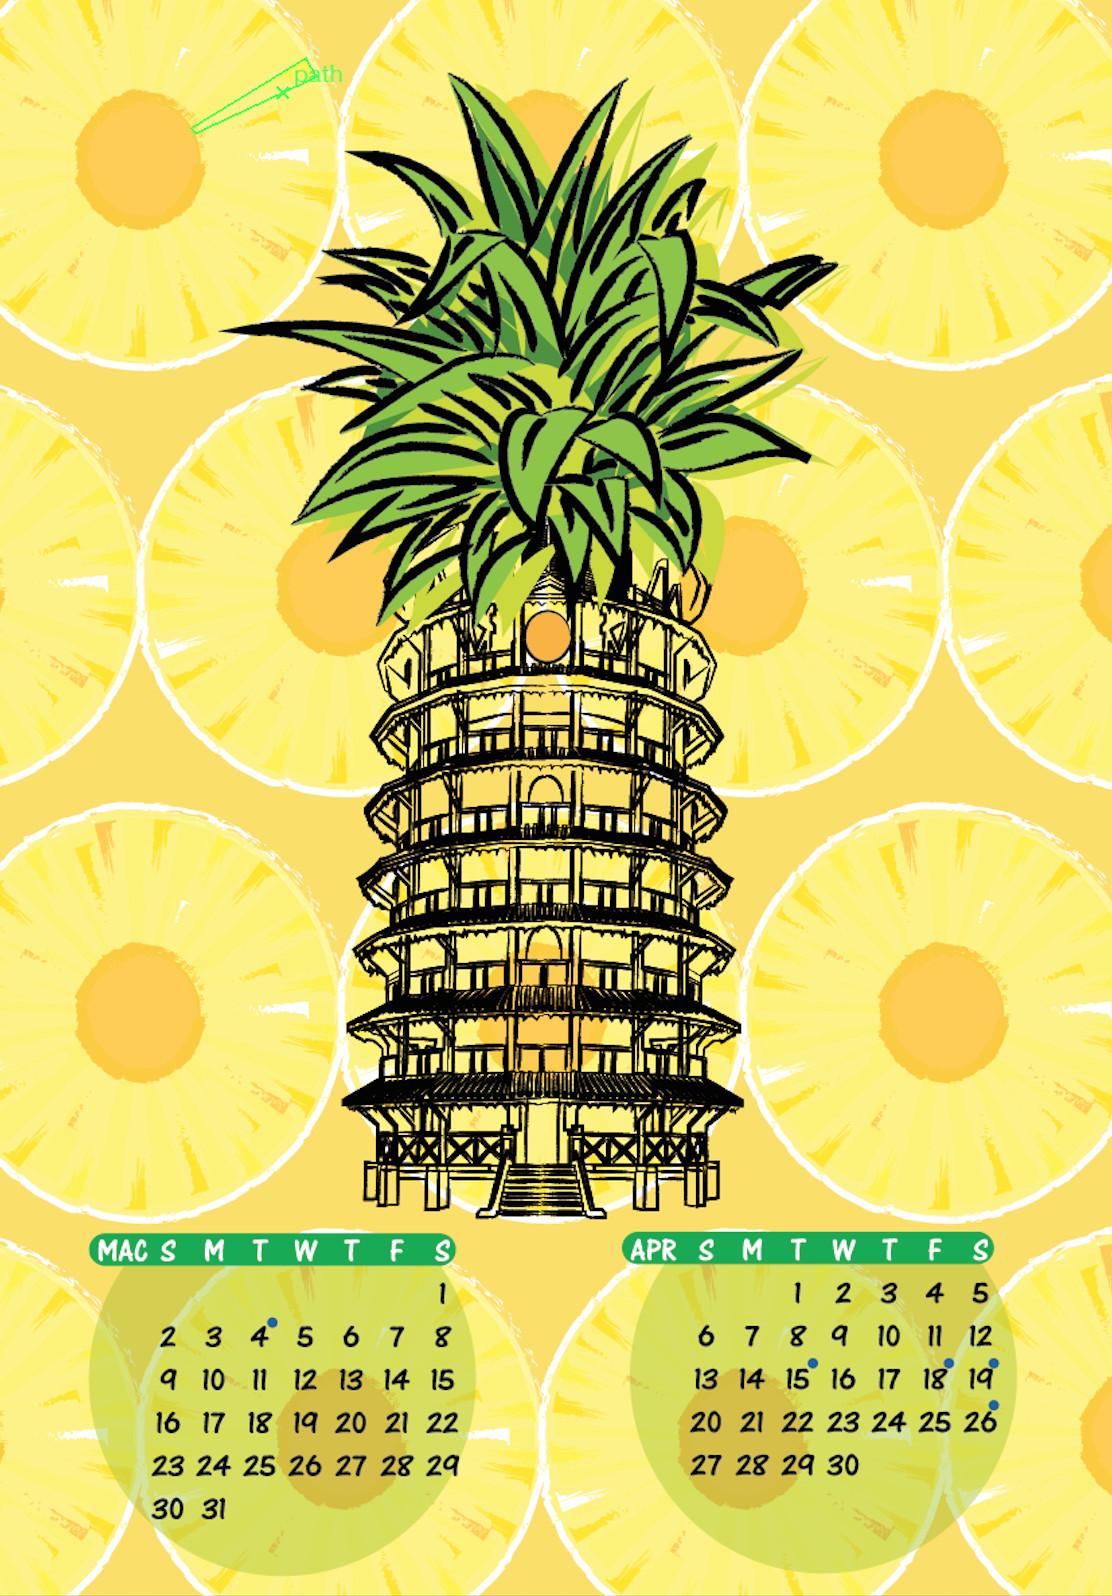 Leaning Tower of Teluk Intan (PERAK)